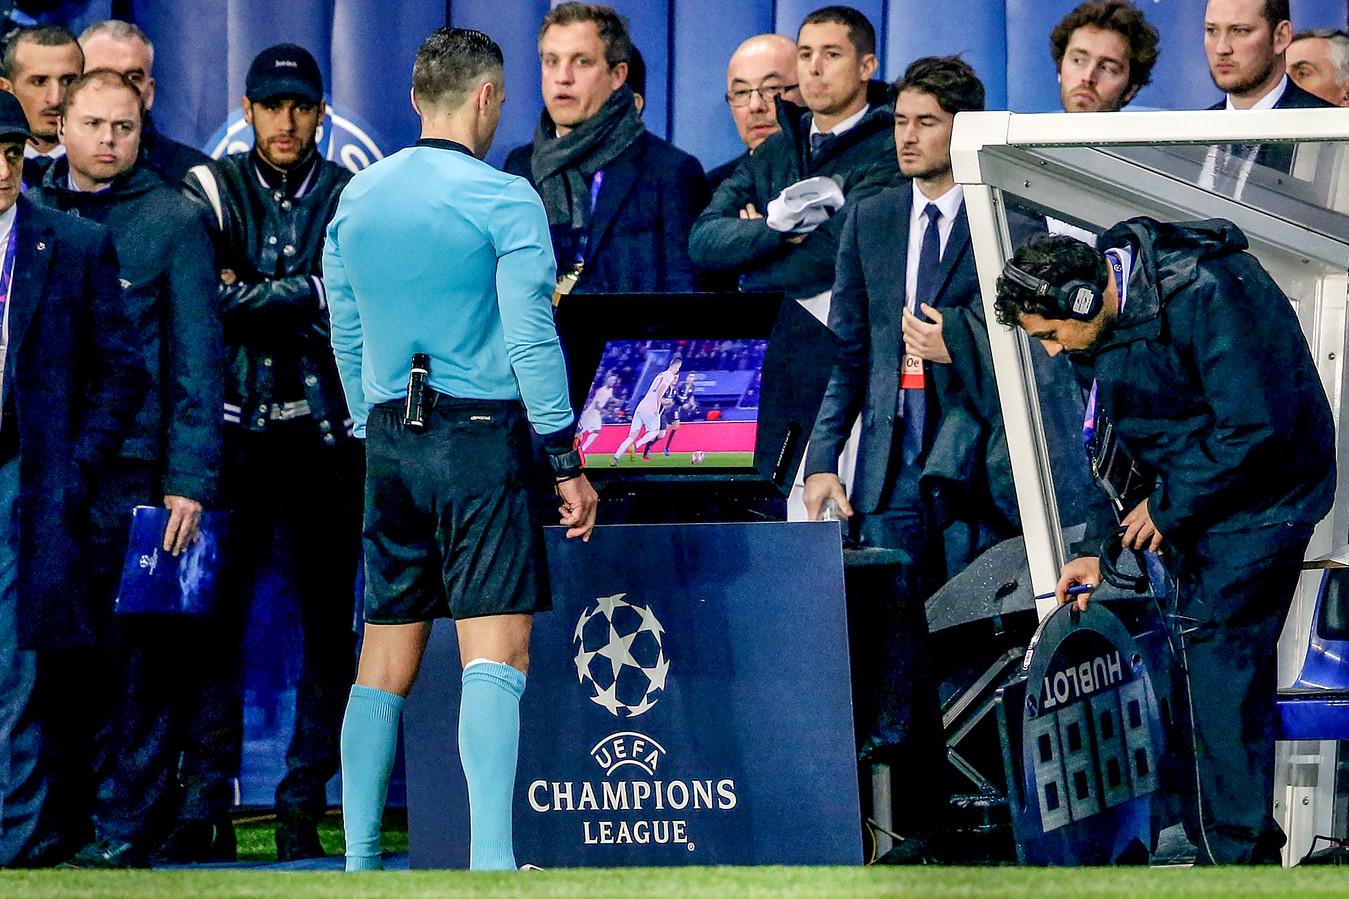 Neymar kijkt naar Damir Skomina, maar ziet de bui overduidelijk al hangen. De strafschop en uitschakeling volgden daarna snel.